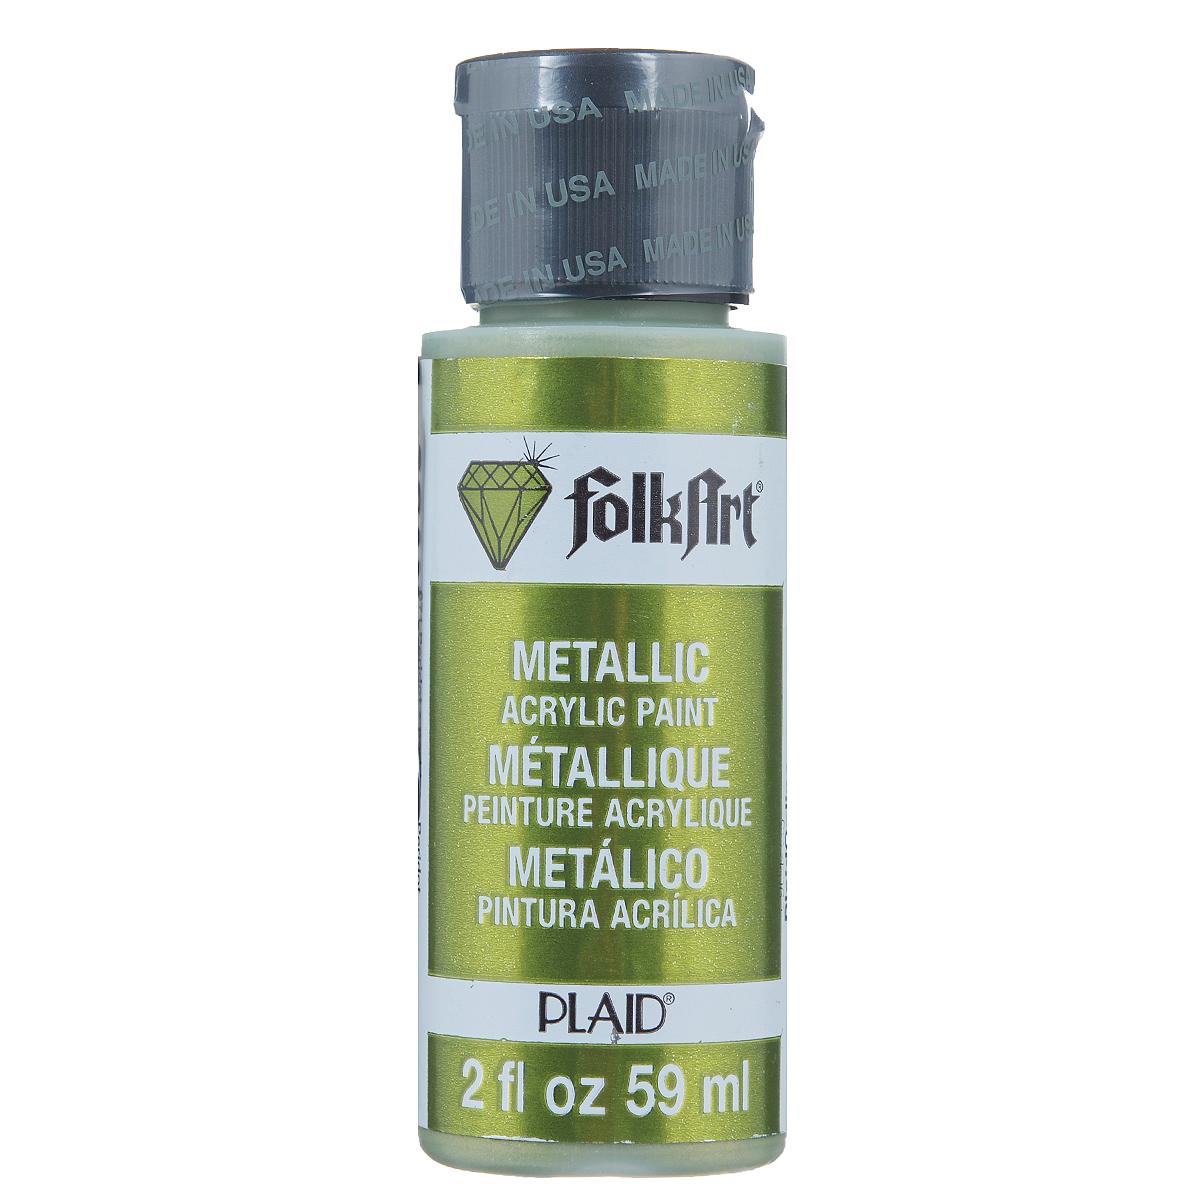 Акриловая краска FolkArt Metallic, цвет: светло-зеленый, 59 млPLD-00671Акриловая краска FolkArt Metallic выполнена на водной основе и предназначена для рисования на пористых поверхностях. Устойчива к погодным и ультрафиолетовым воздействиям. После высыхания имеет глянцевый вид. Перед повторным нанесением краски дать высохнуть в течение 1 часа. До высыхания может быть смыта водой с мылом. Объем: 59 мл.